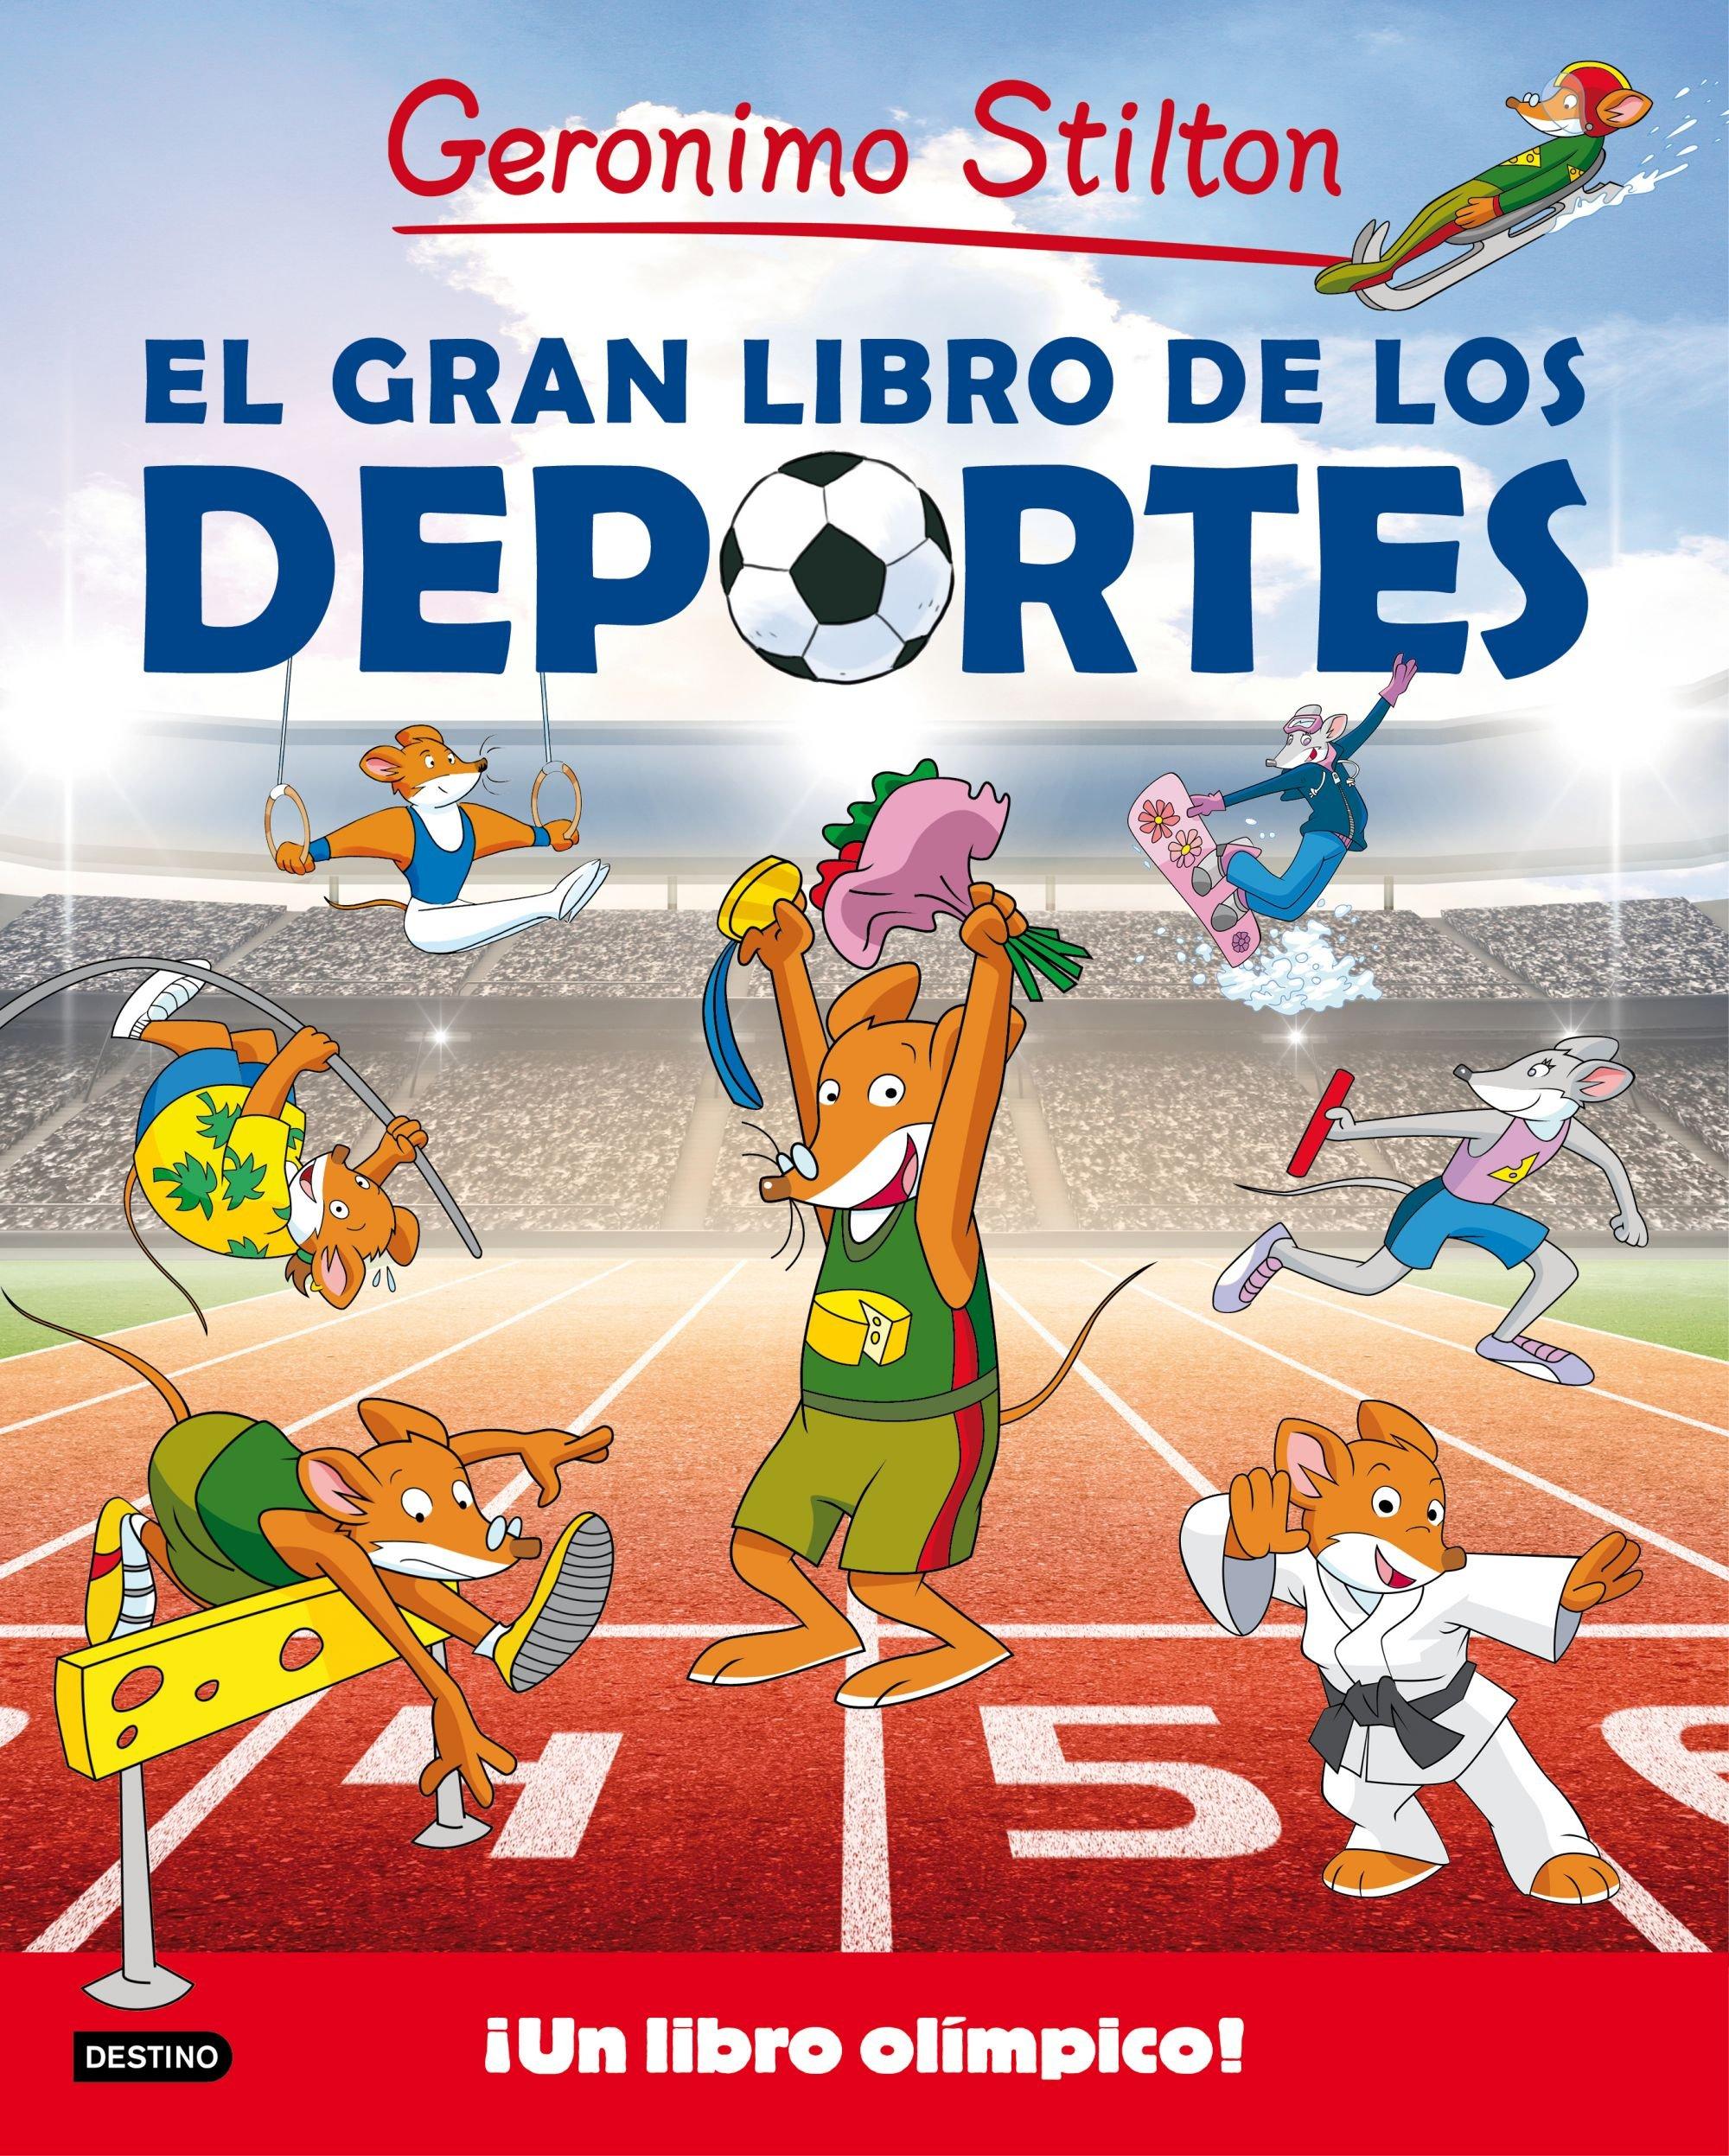 El gran libro de los deportes de Geronimo Stilton